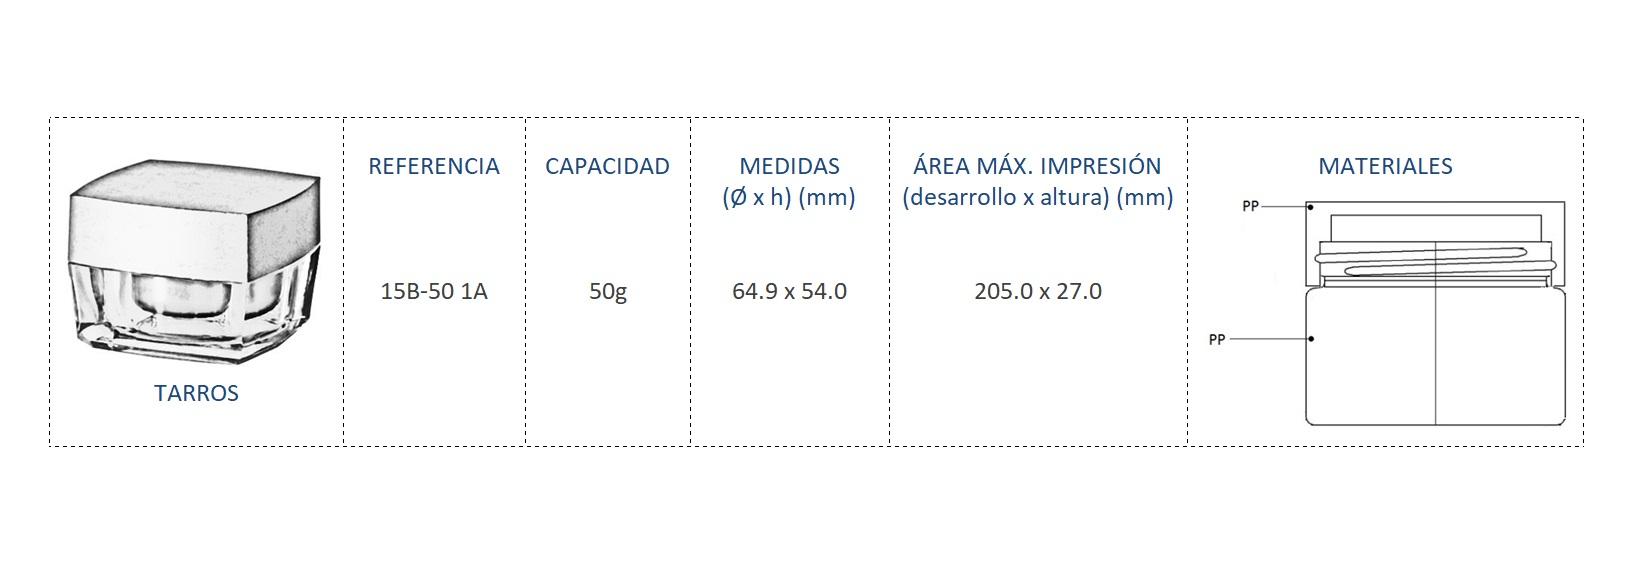 Cuadro de materiales tarro 15B-50 1A